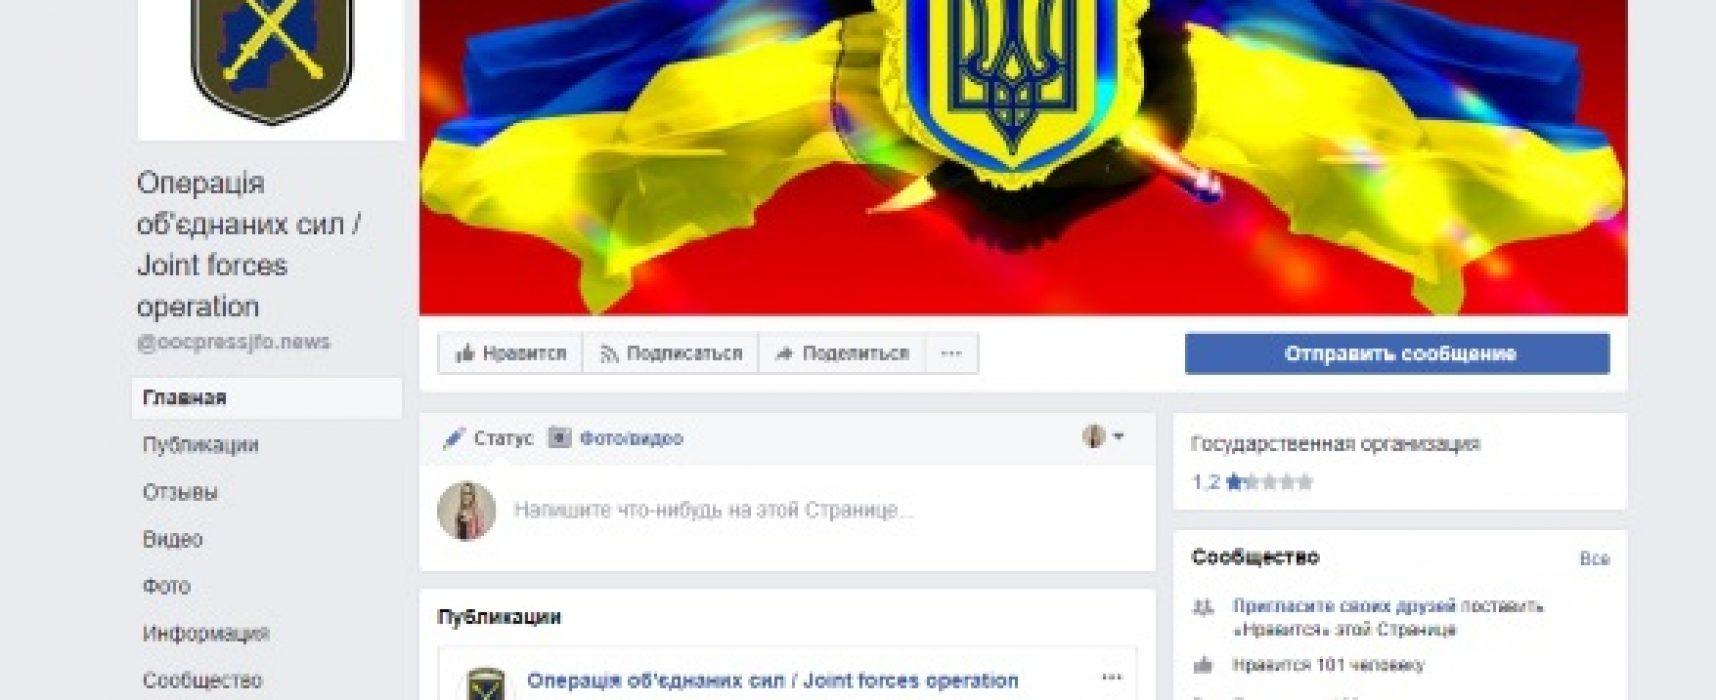 Във Facebook са създали фейкова страница на Операцията на обединените сили